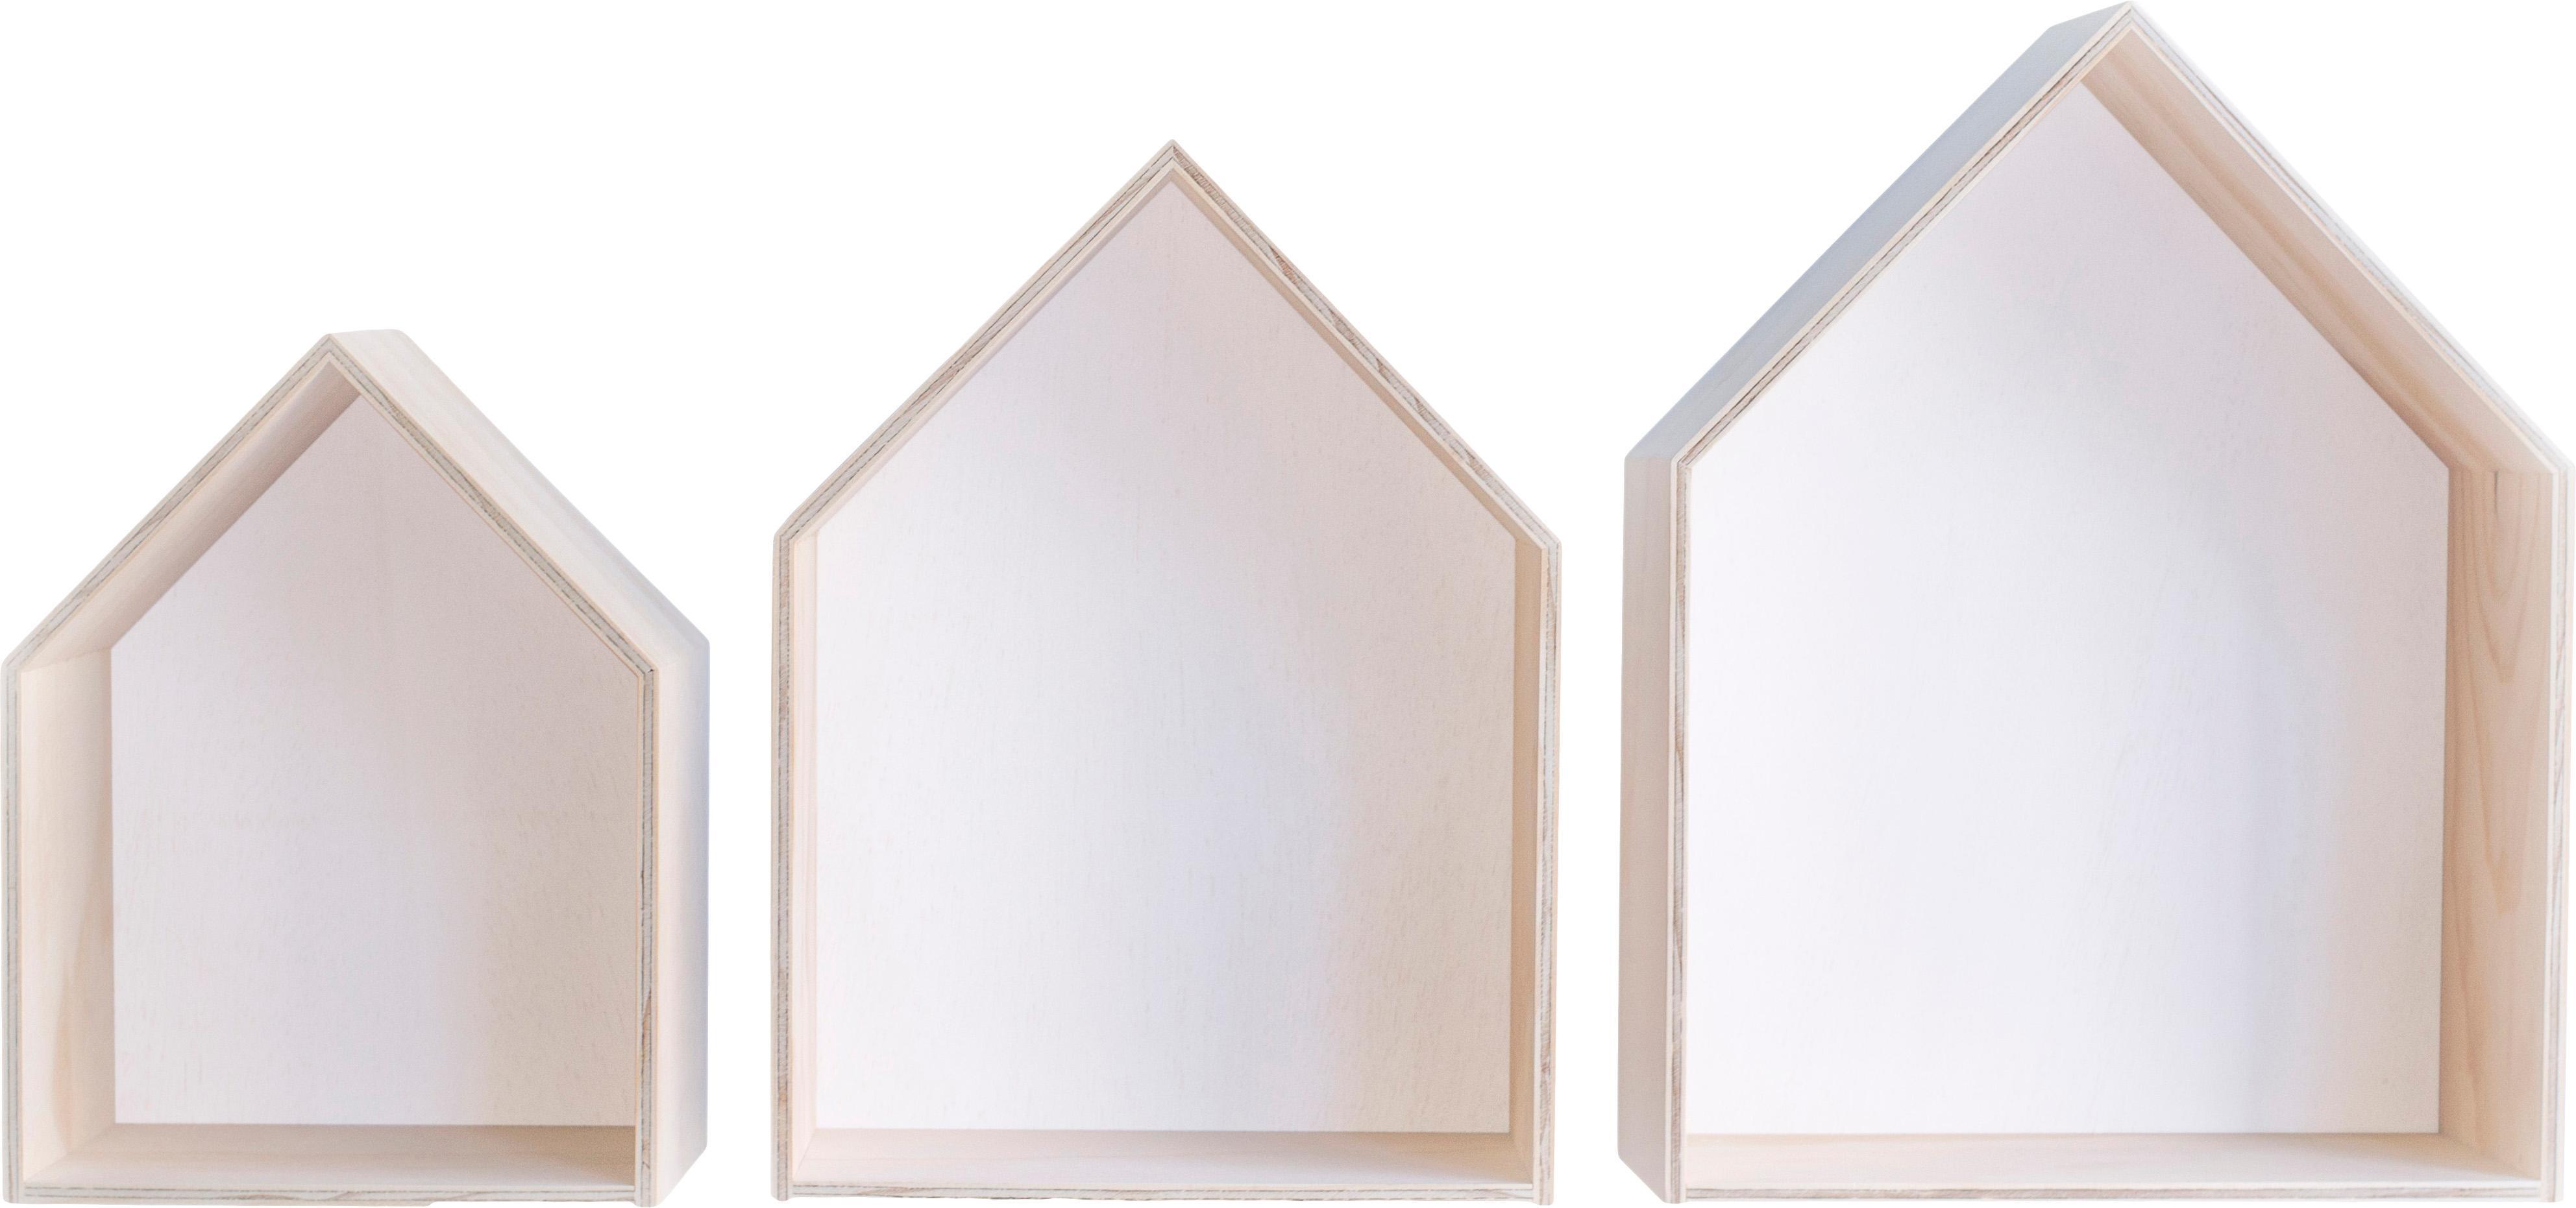 Set de estantes de pared Blanca, 3pzas., Madera contrachapada, Beige, blanco, Tamaños diferentes